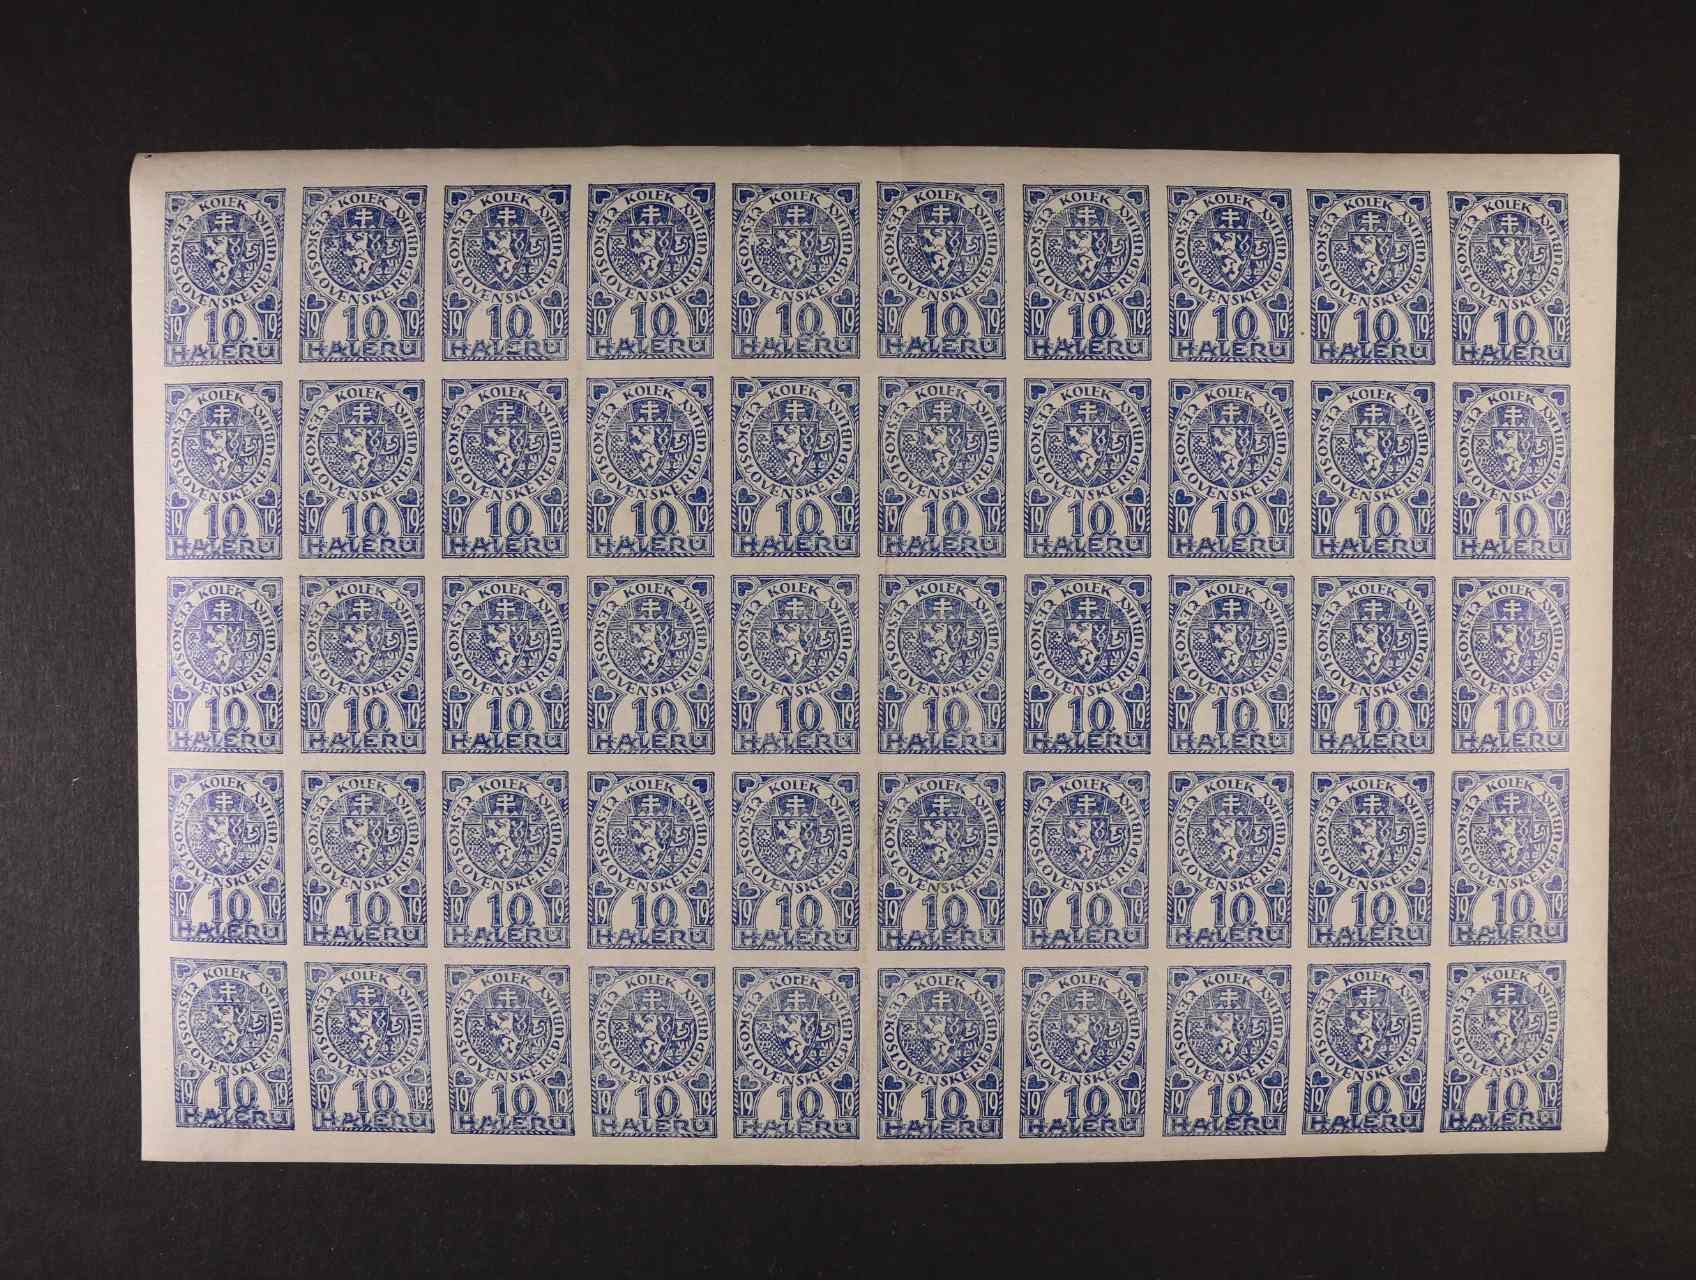 10 hal. kolek v kompletním 50ti-bloku s lepem, 1x svisle přeložen